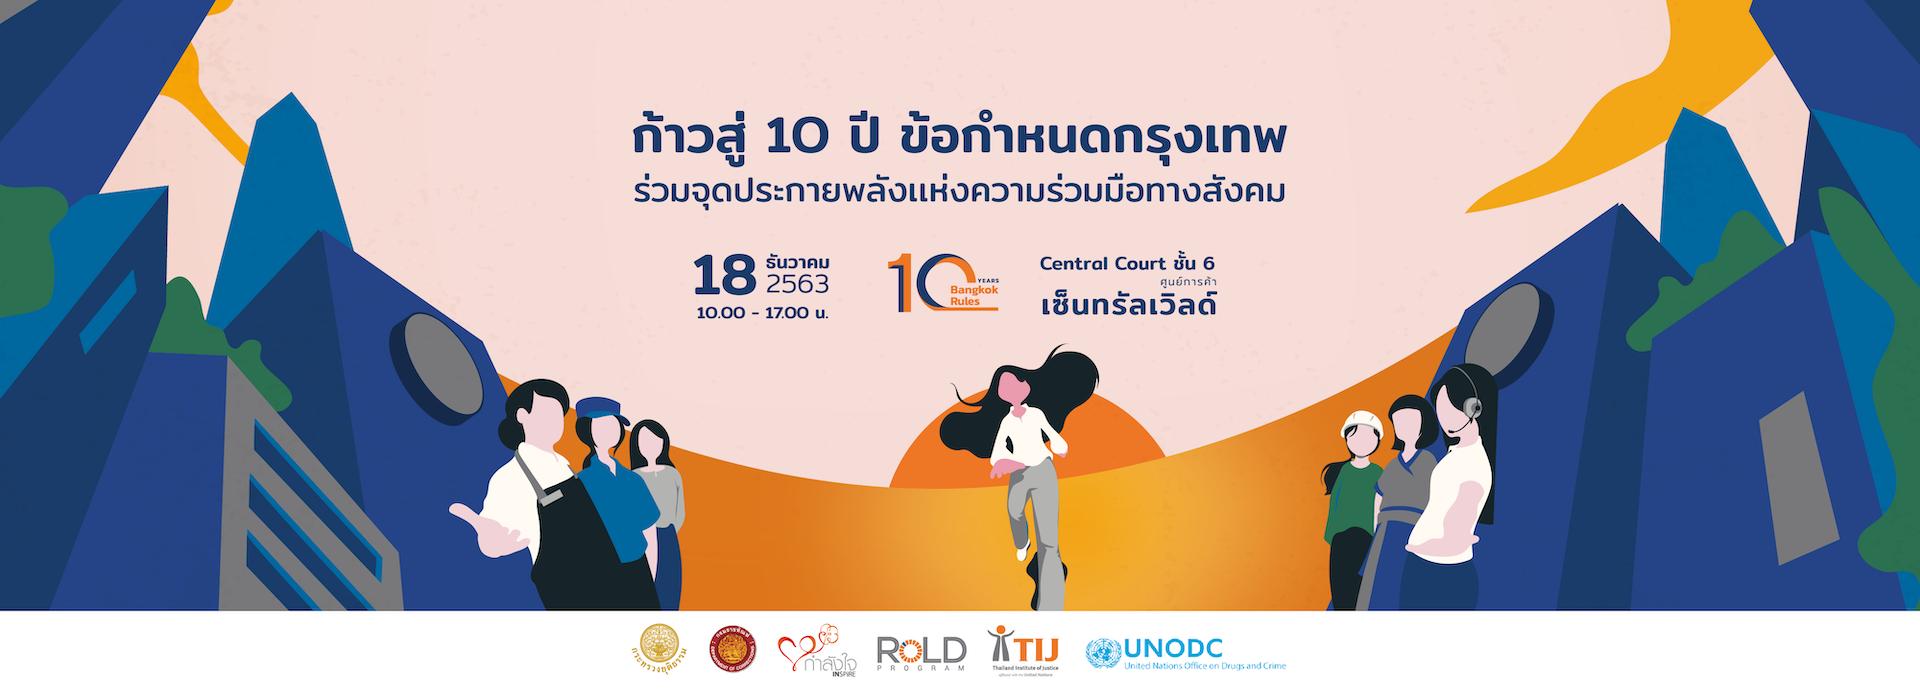 10 ปี Bangkok Rules